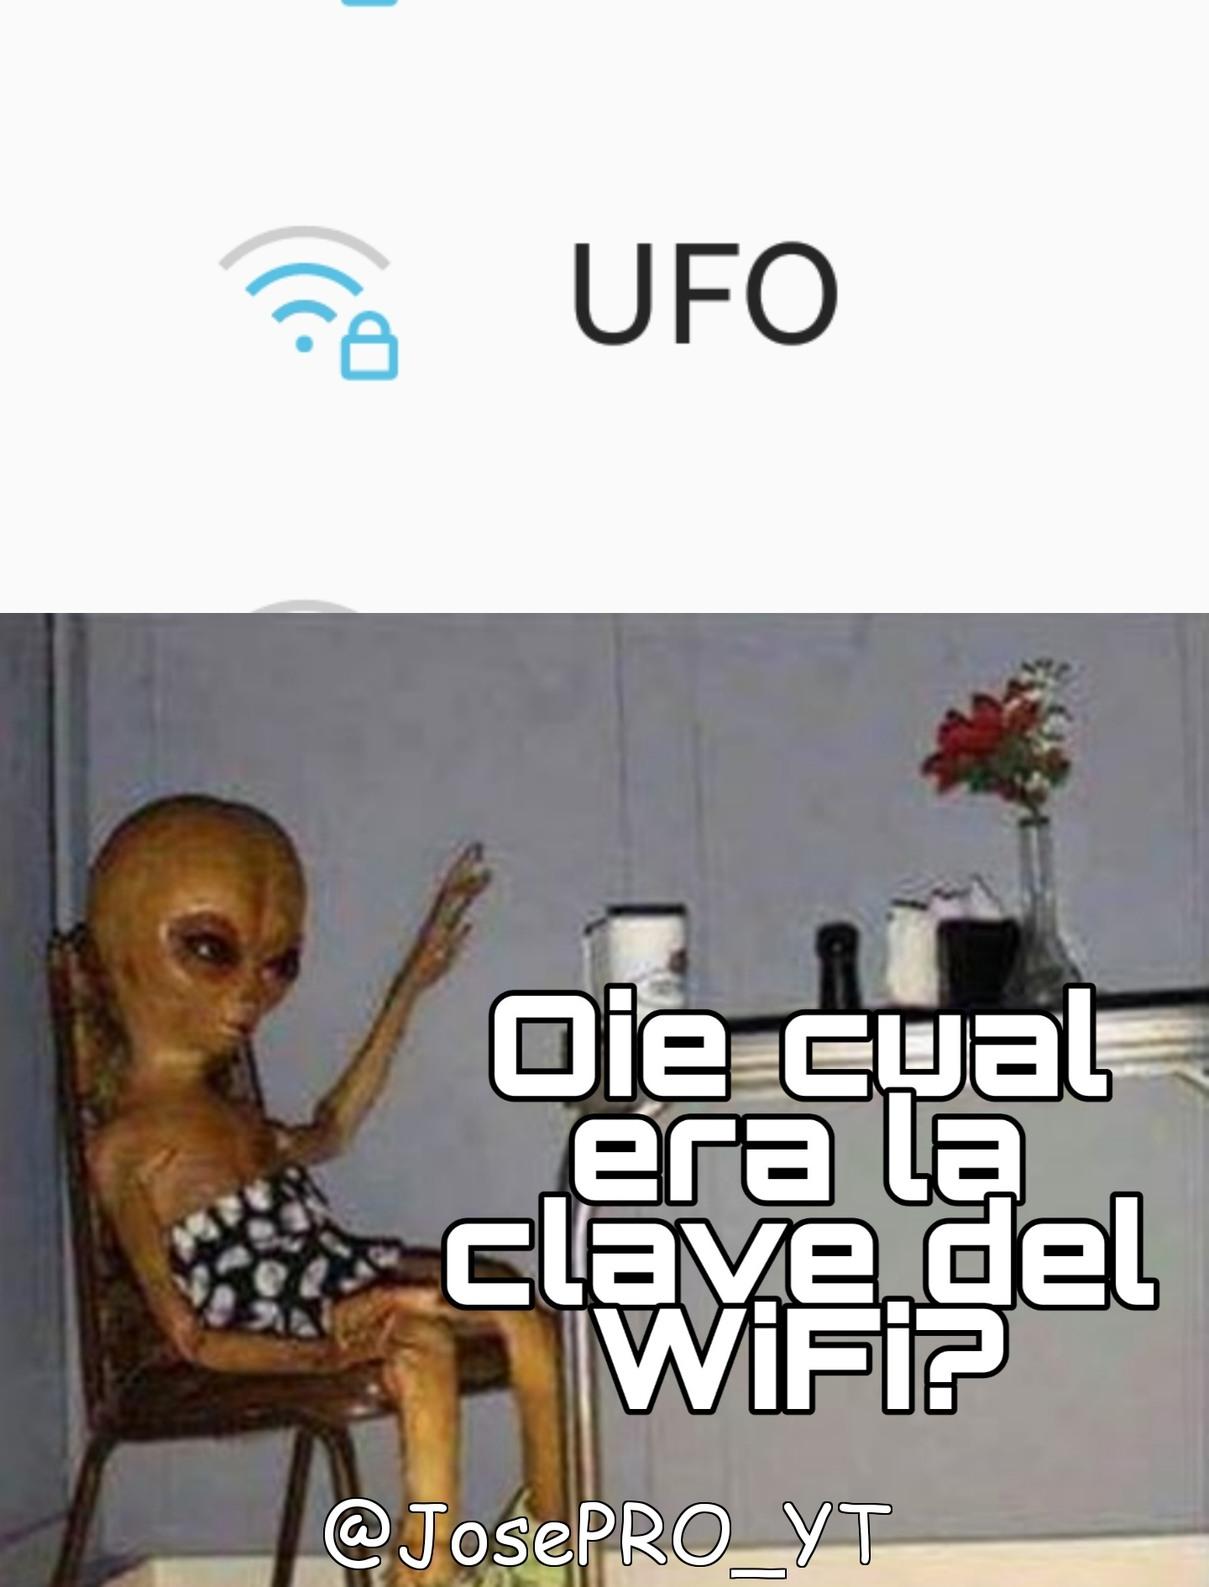 Cuando te llega el wifi del Area 51 - meme